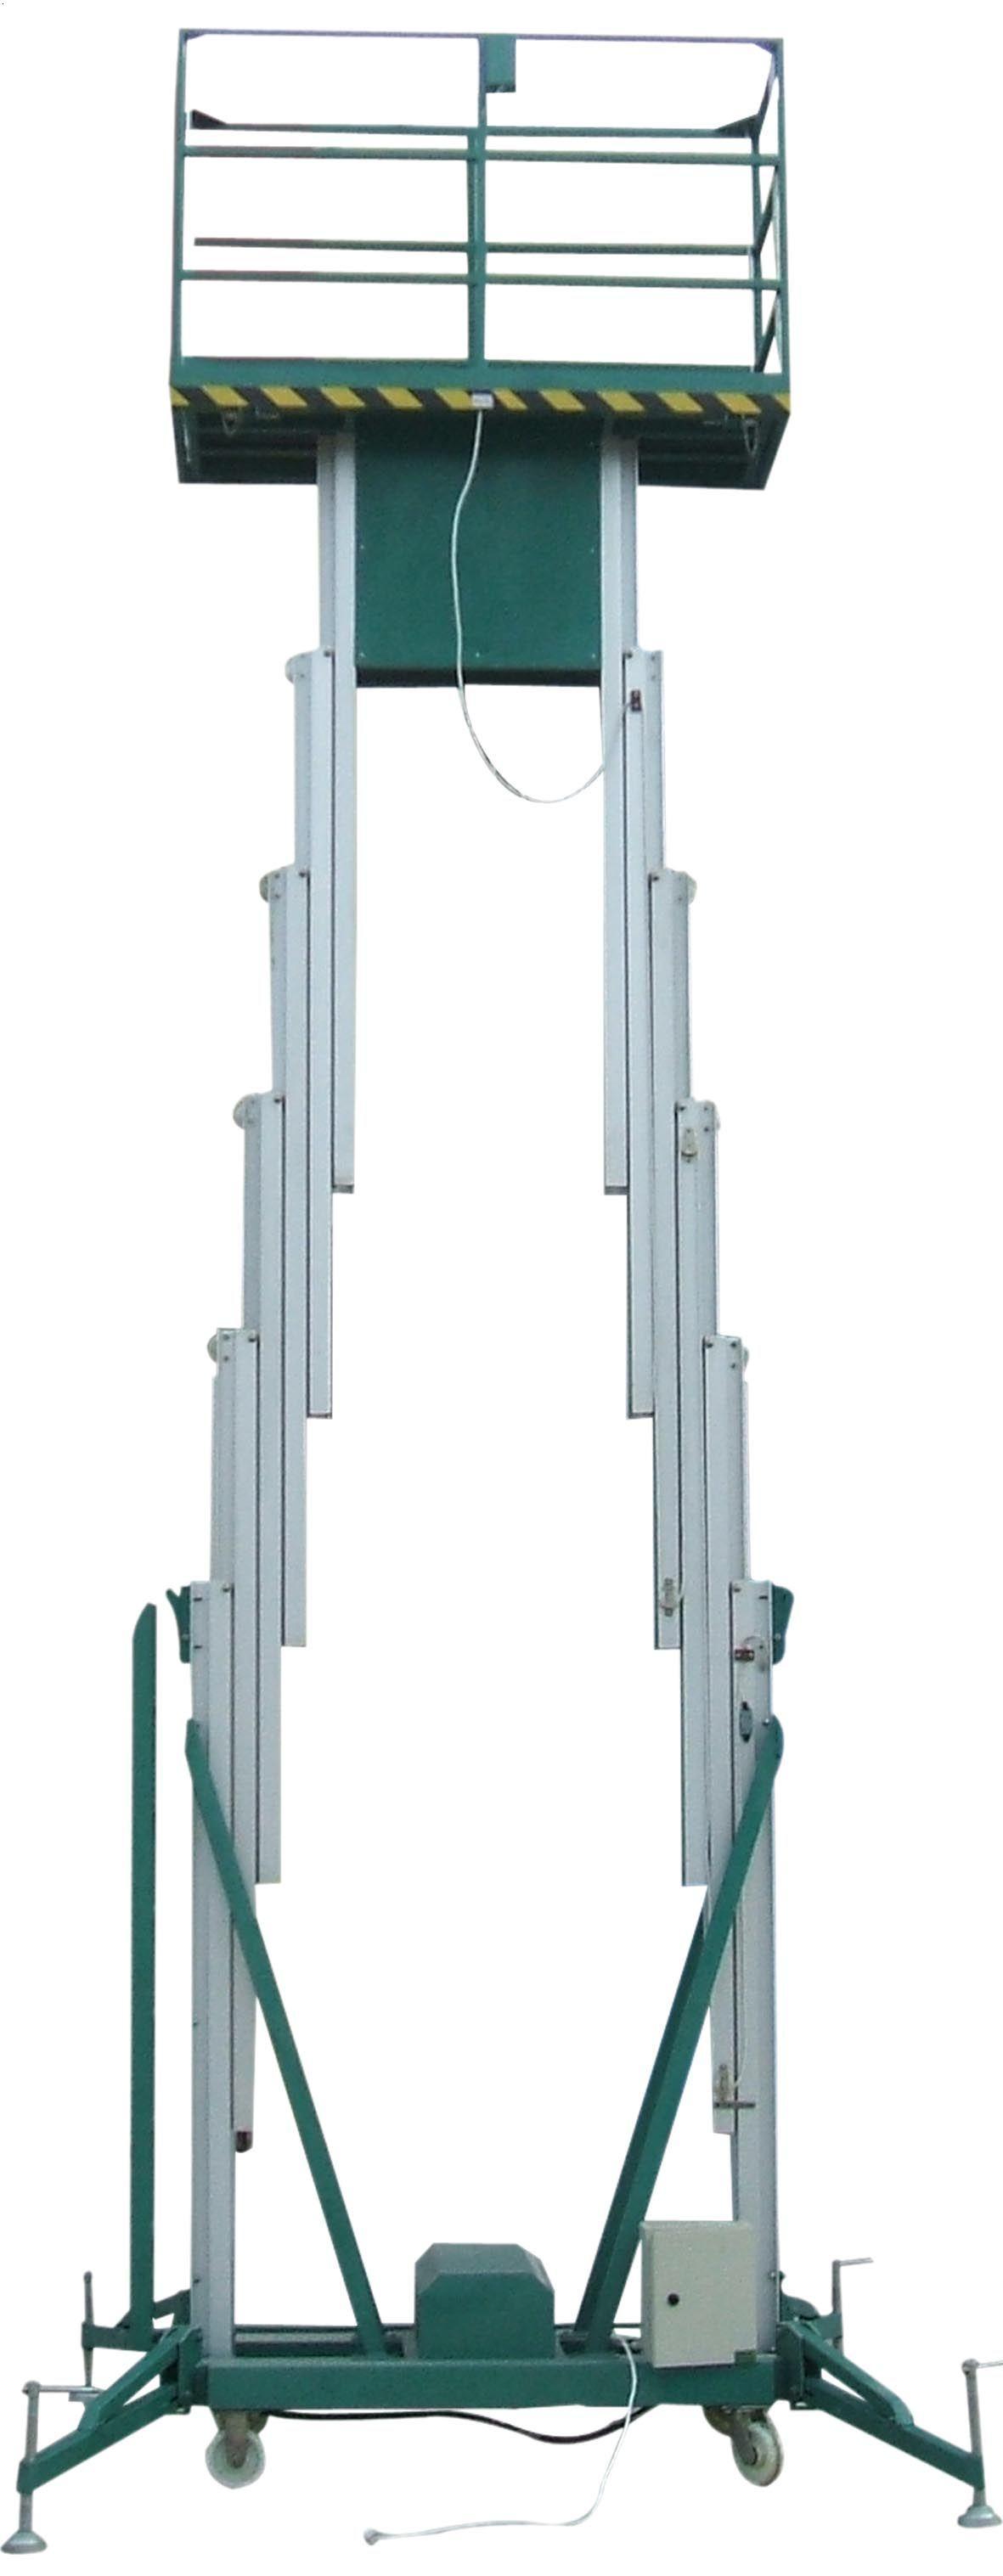 山东久升升降机有限公司铝合金液压升降平台图片